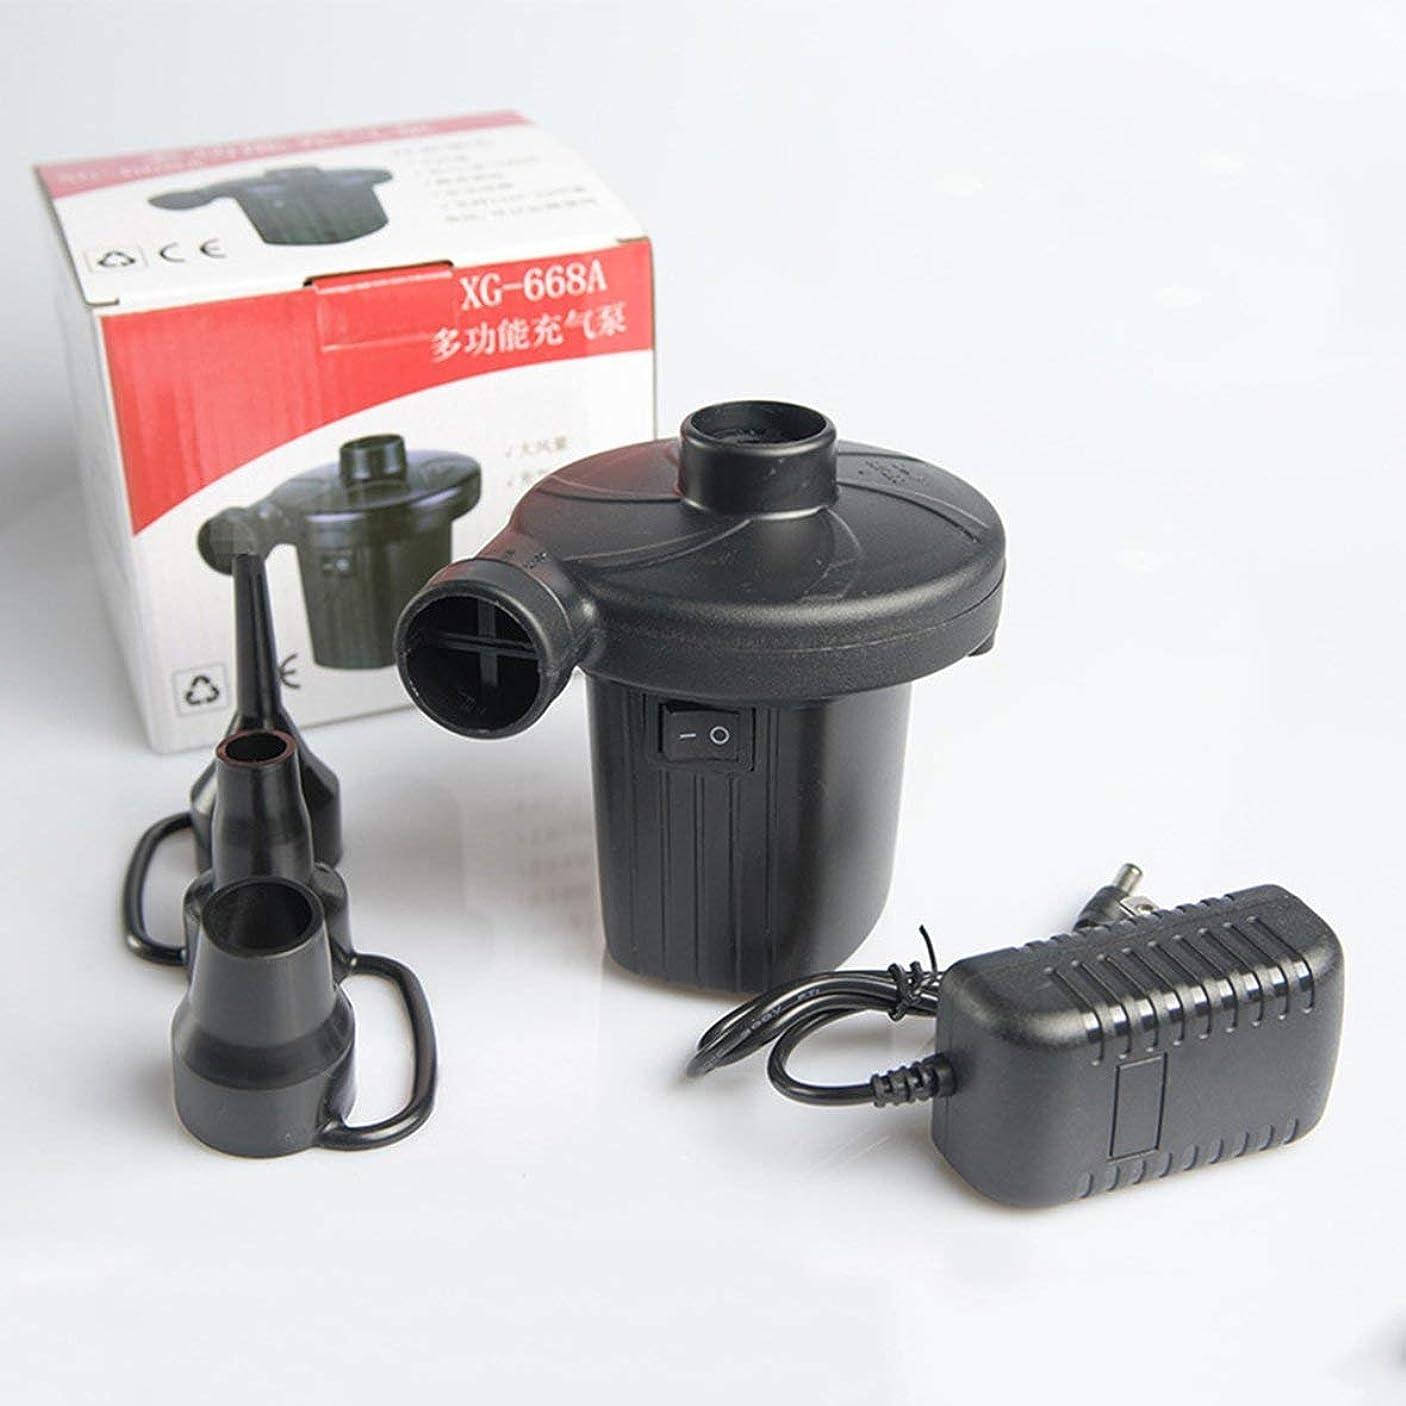 期限にやにやピースBlackfell AC電気エアーポンプの家の膨脹は100V | 240V / 12V家庭用電化製品の小さい耐久のエアーポンプのために適したのために収縮します